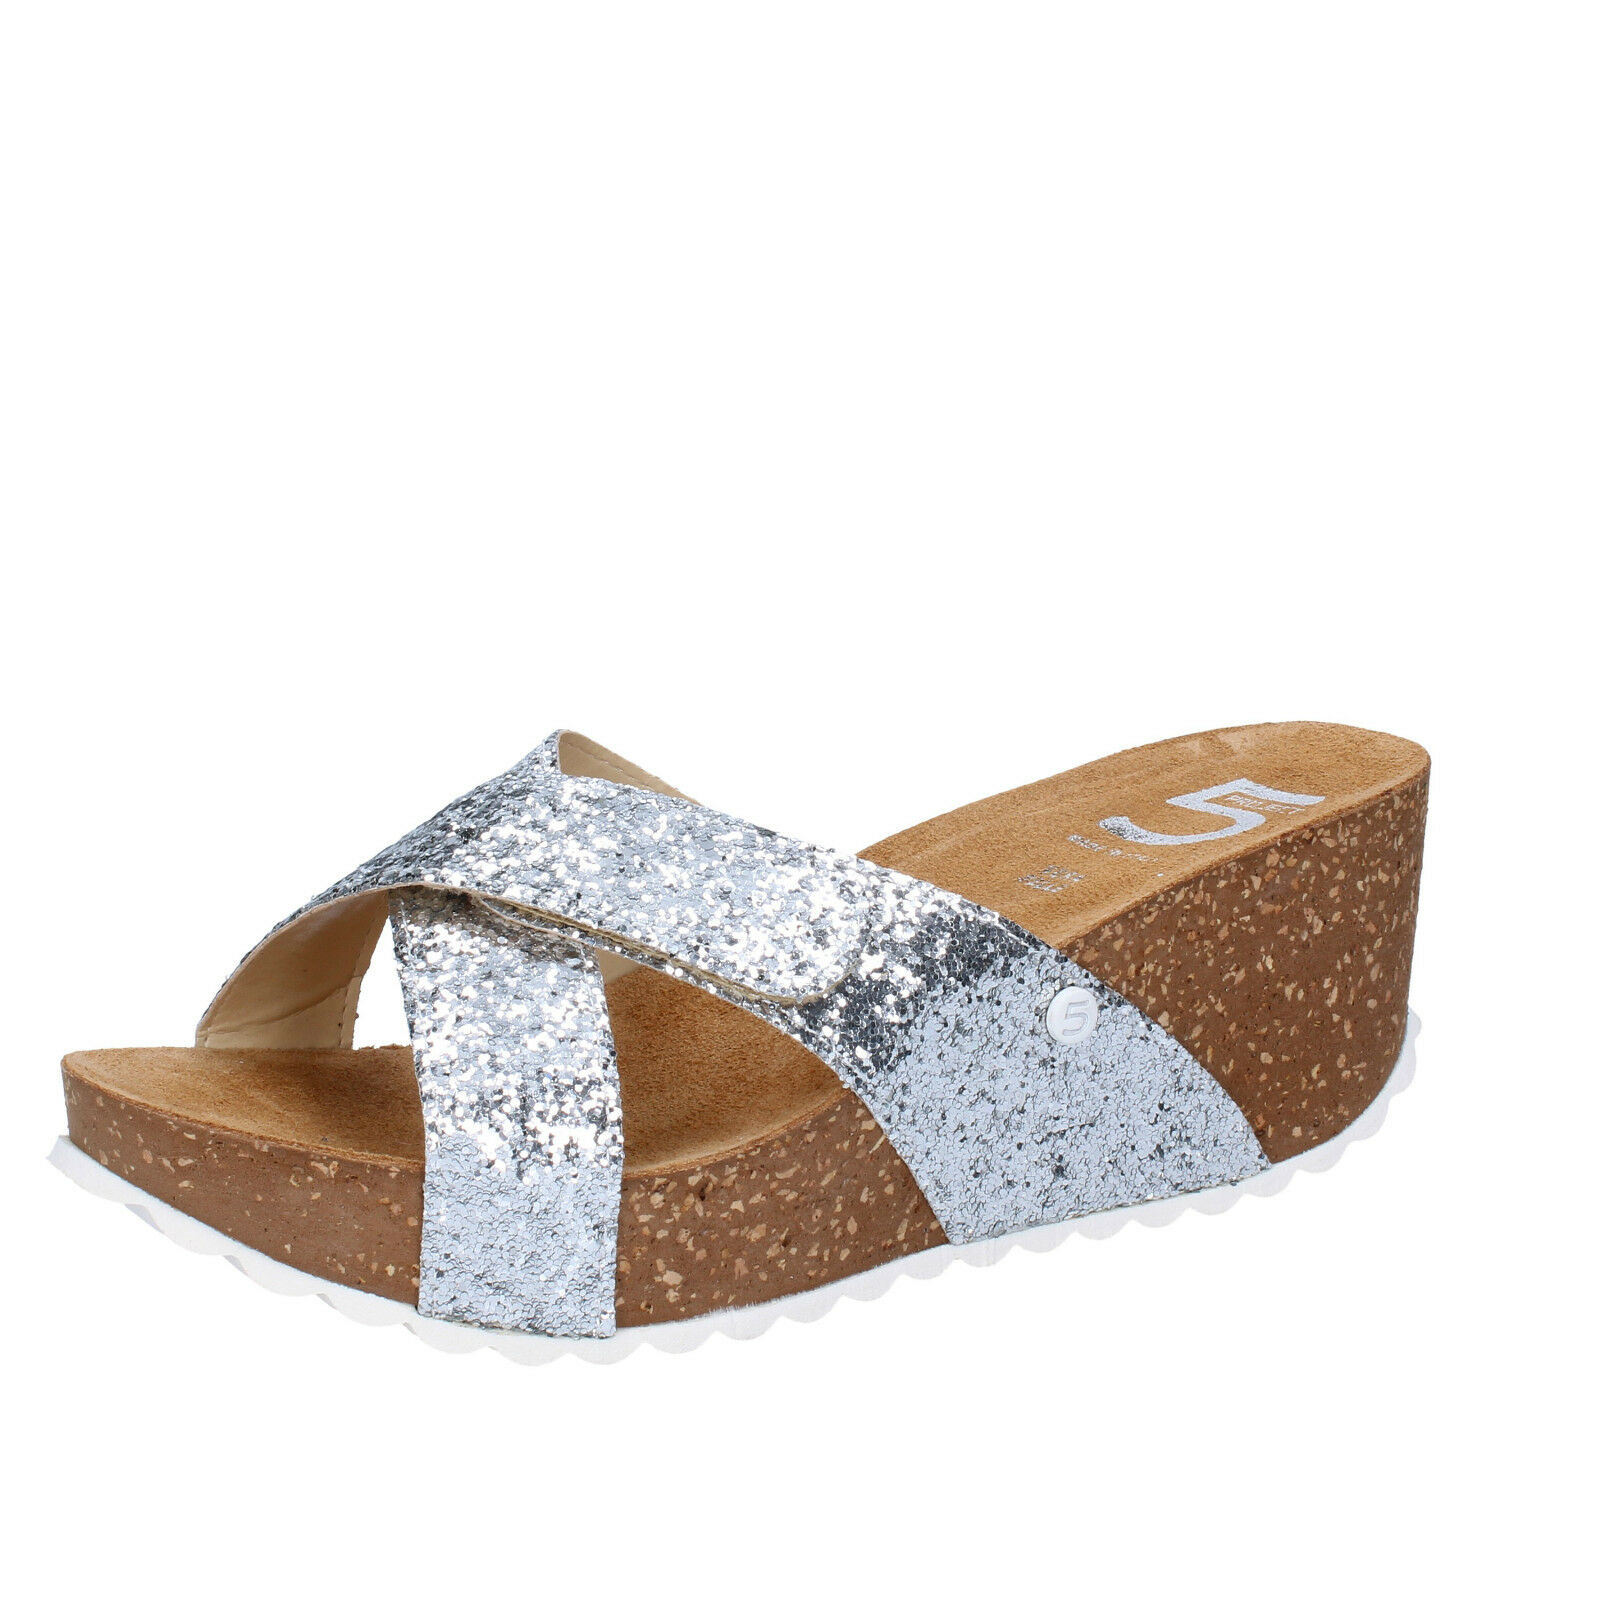 Damen schuhe 5 PRO JECT 38 EU sandalen silber glitter AC702-D